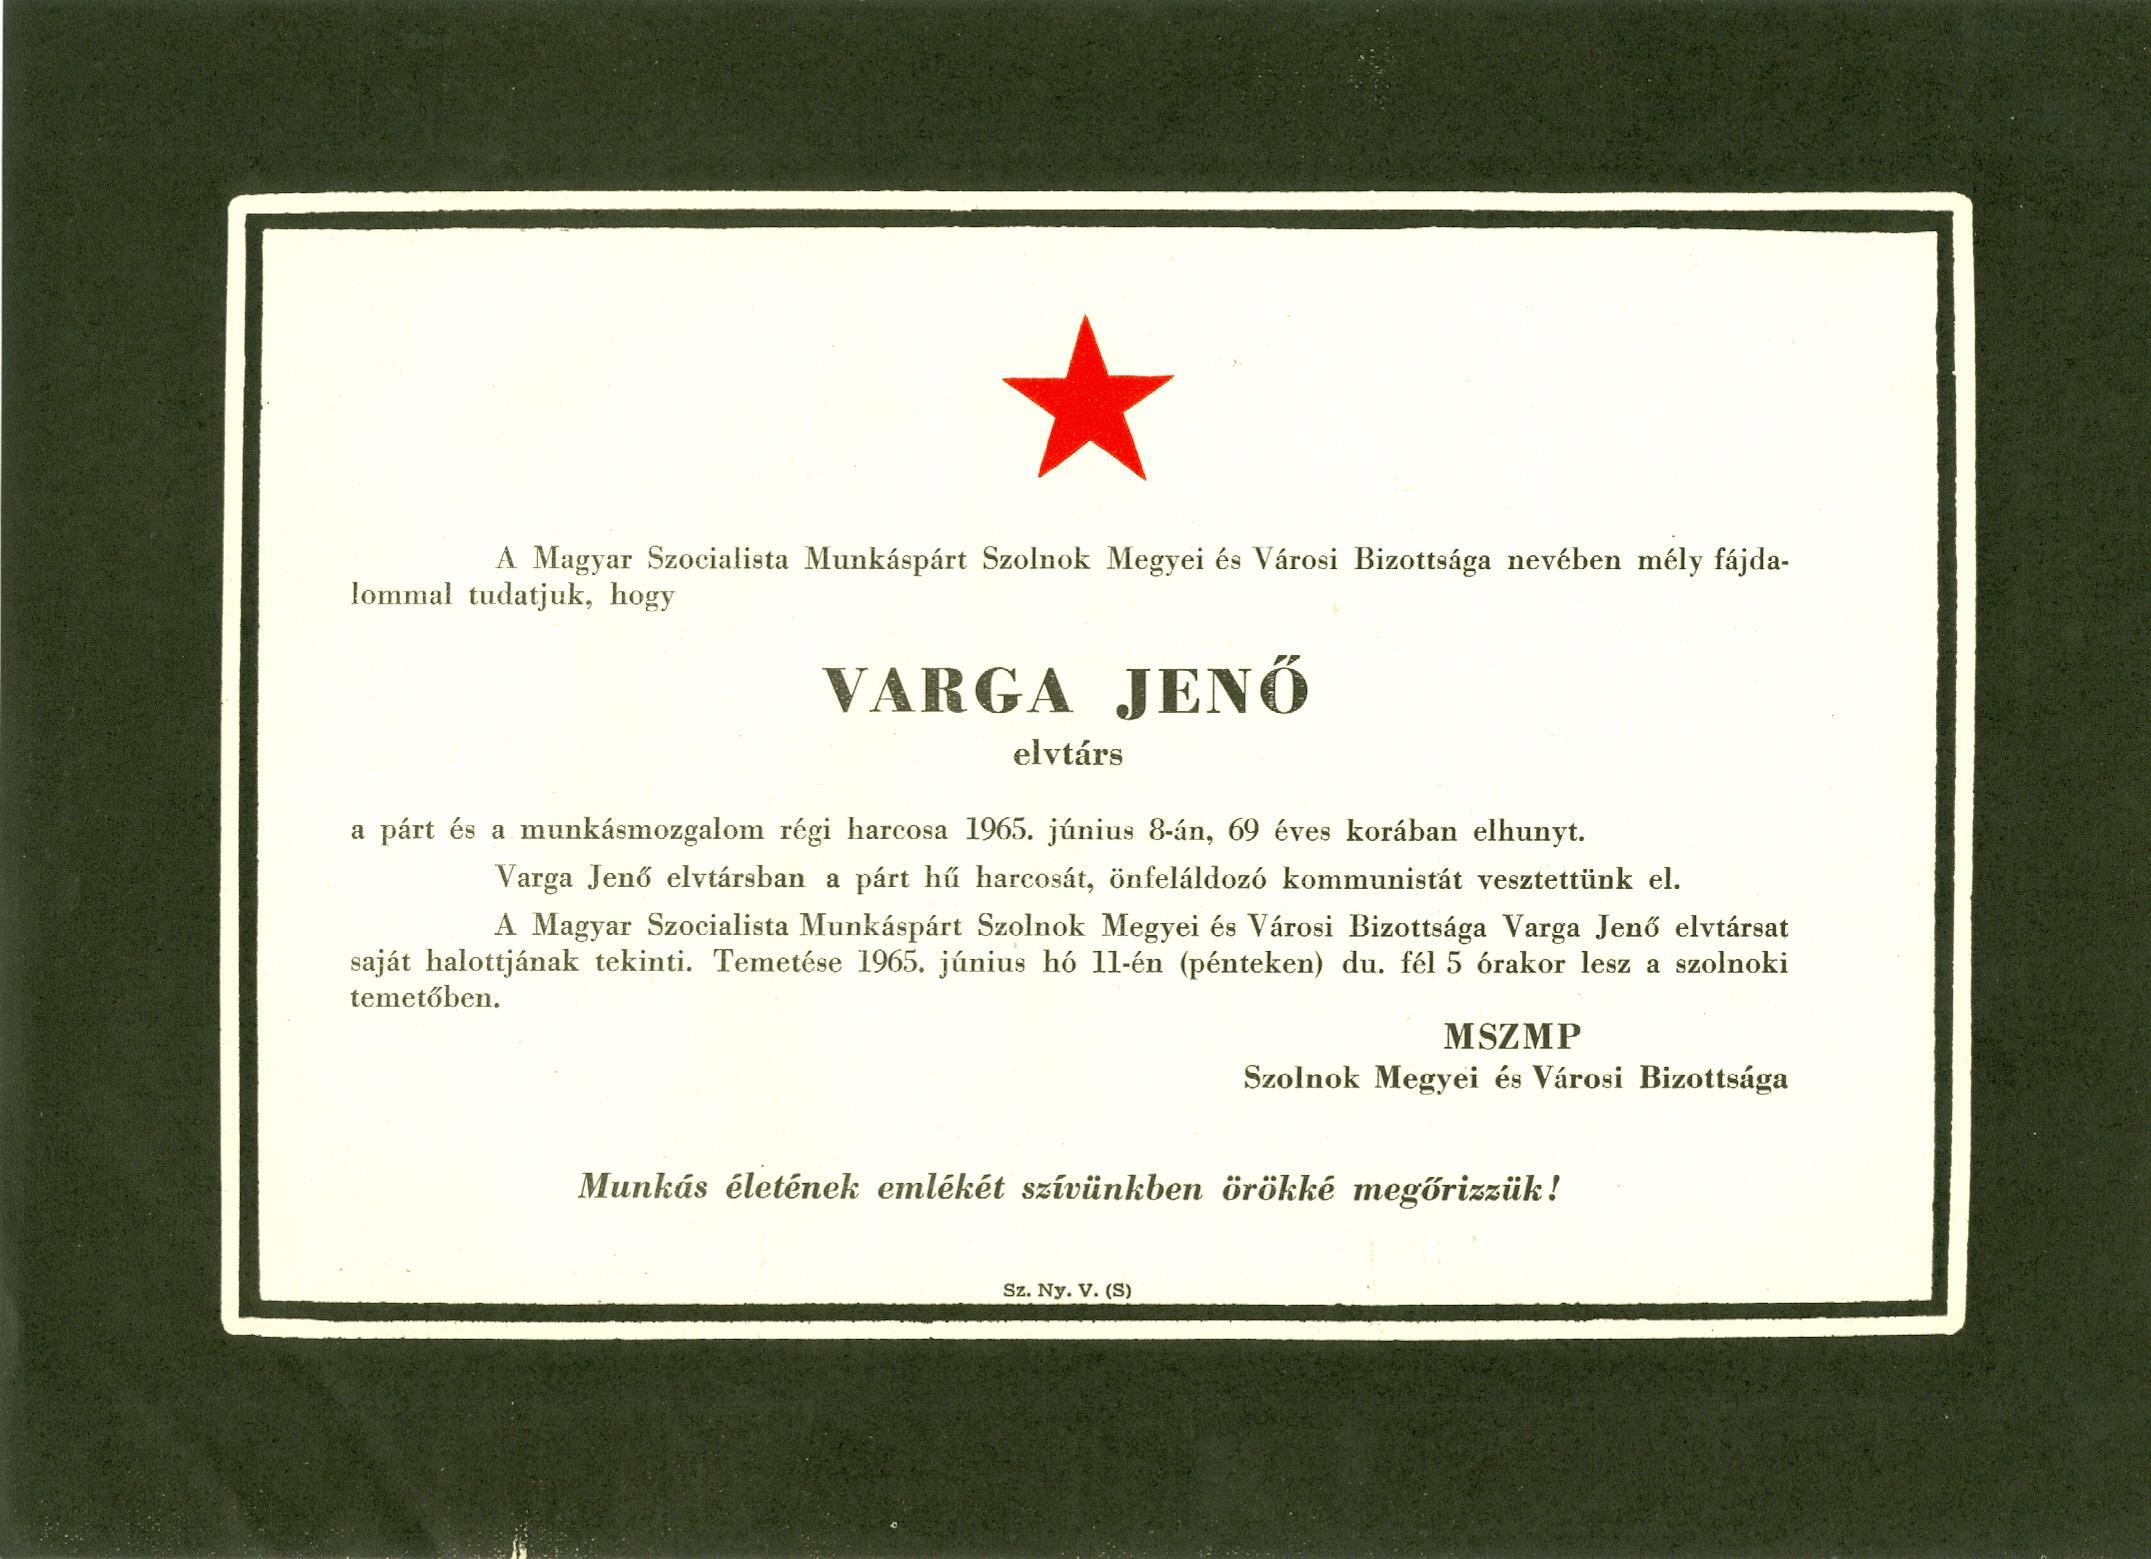 Varga Jenő gyászjelentése